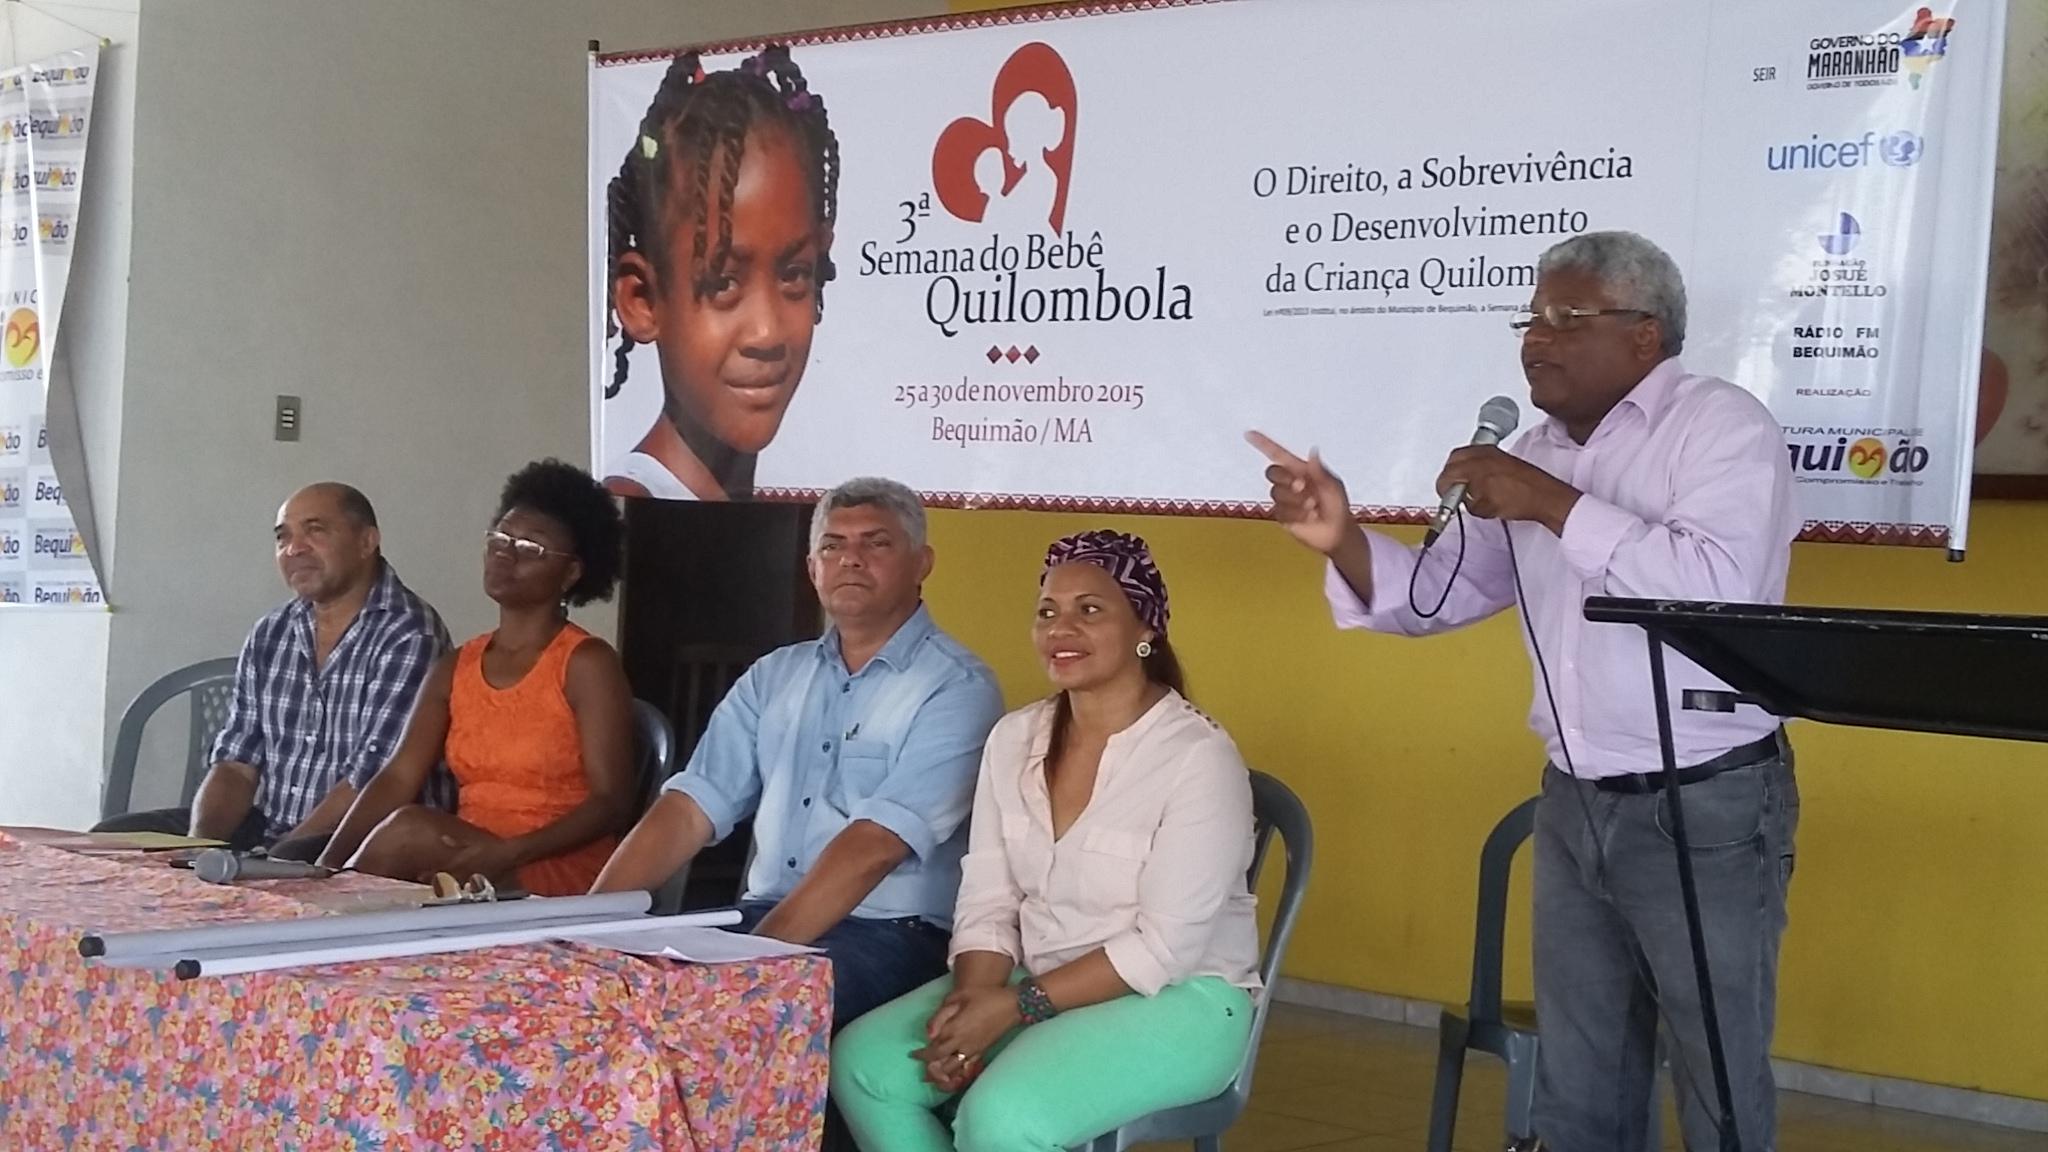 Foto 2 - Secretário Gerson Pinheiro falando das ações do Governo do Estado para a superação do baixo IDH